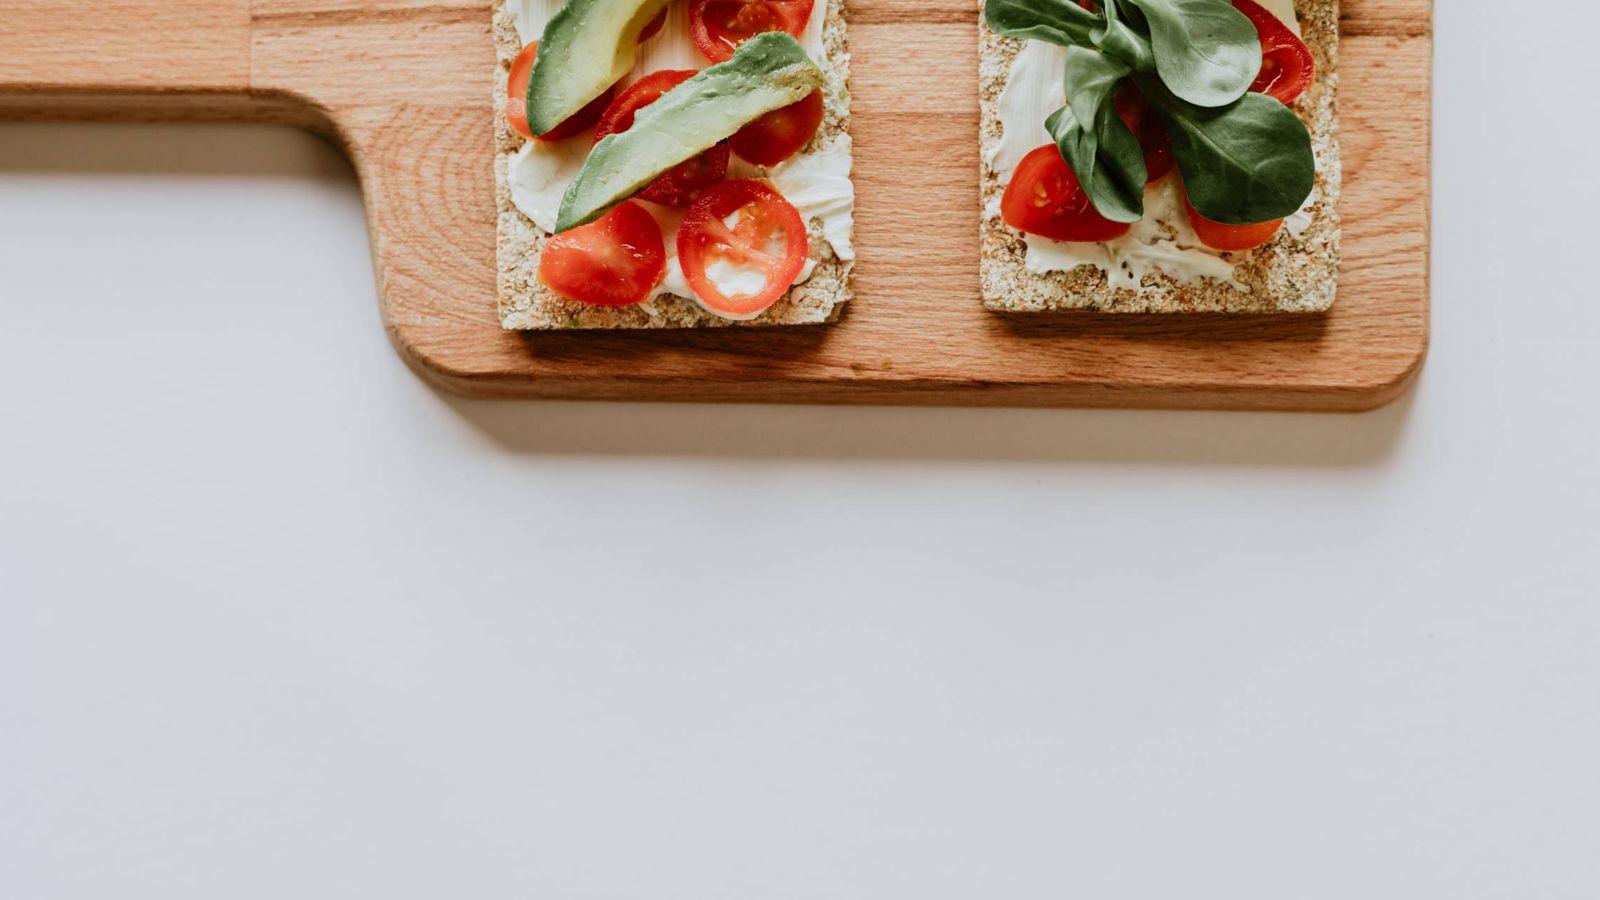 Foto: No solo la dieta adelgaza, el orden también. (Imagen: Alison Marras)